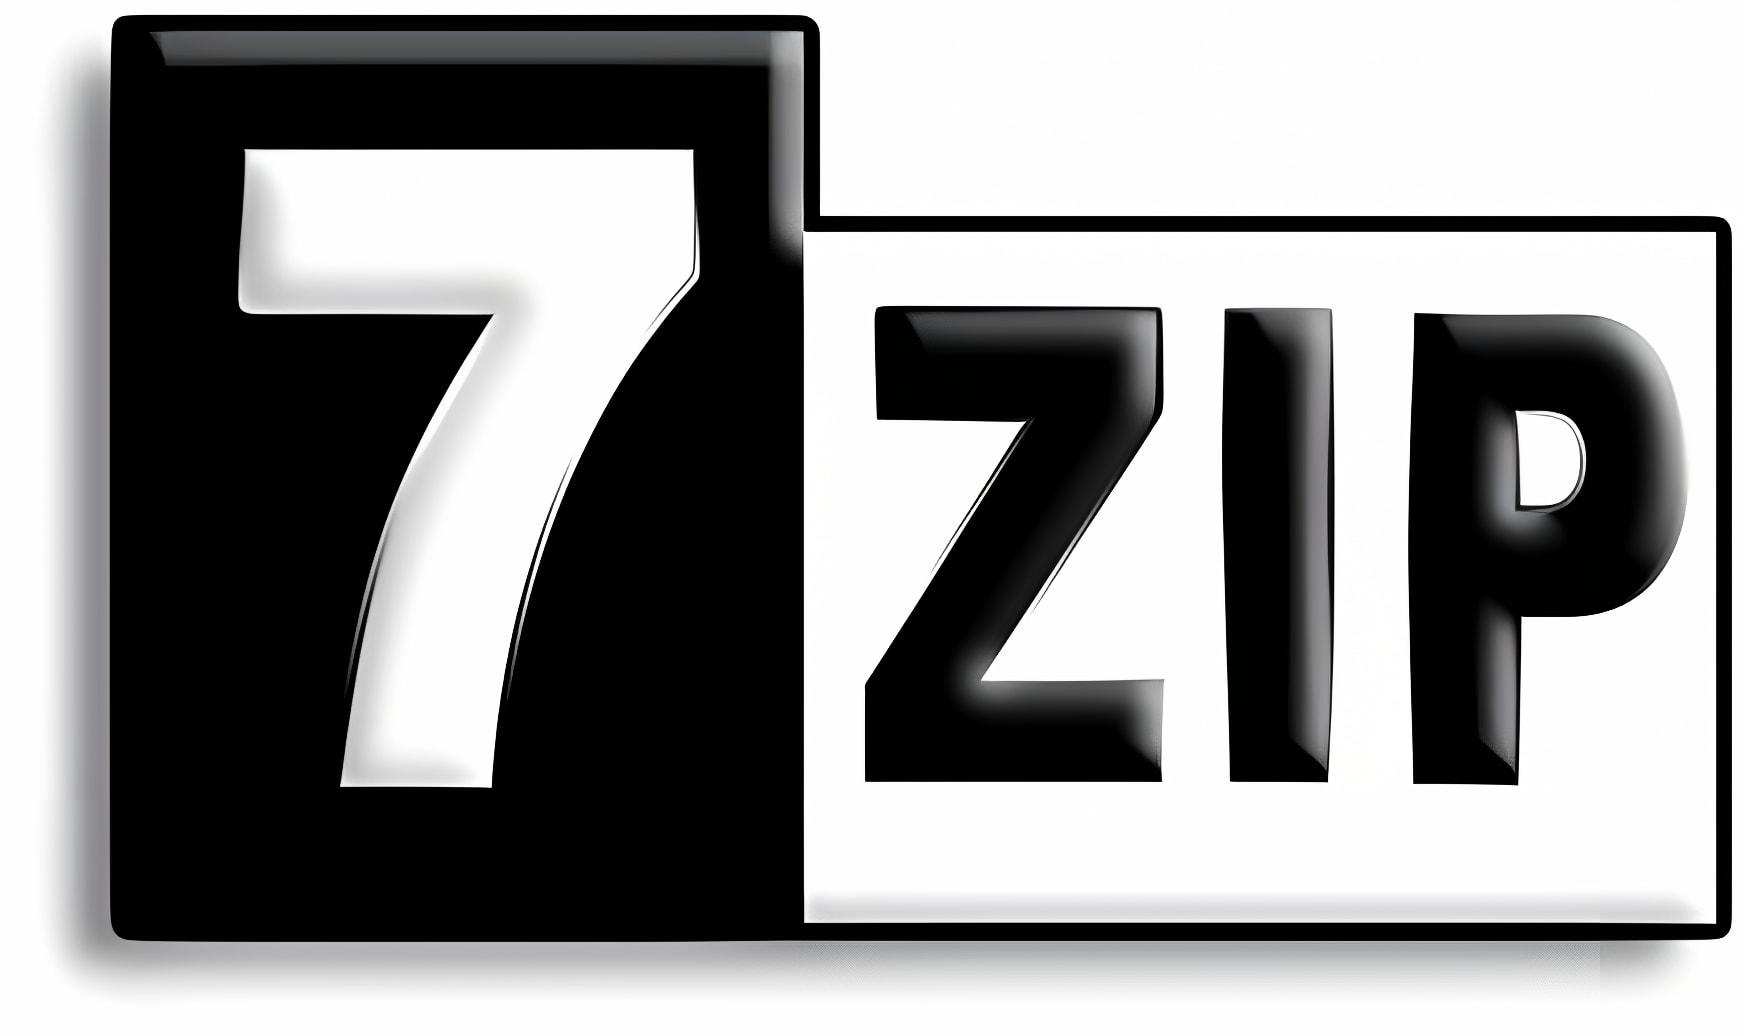 7-Zip 7-Zip